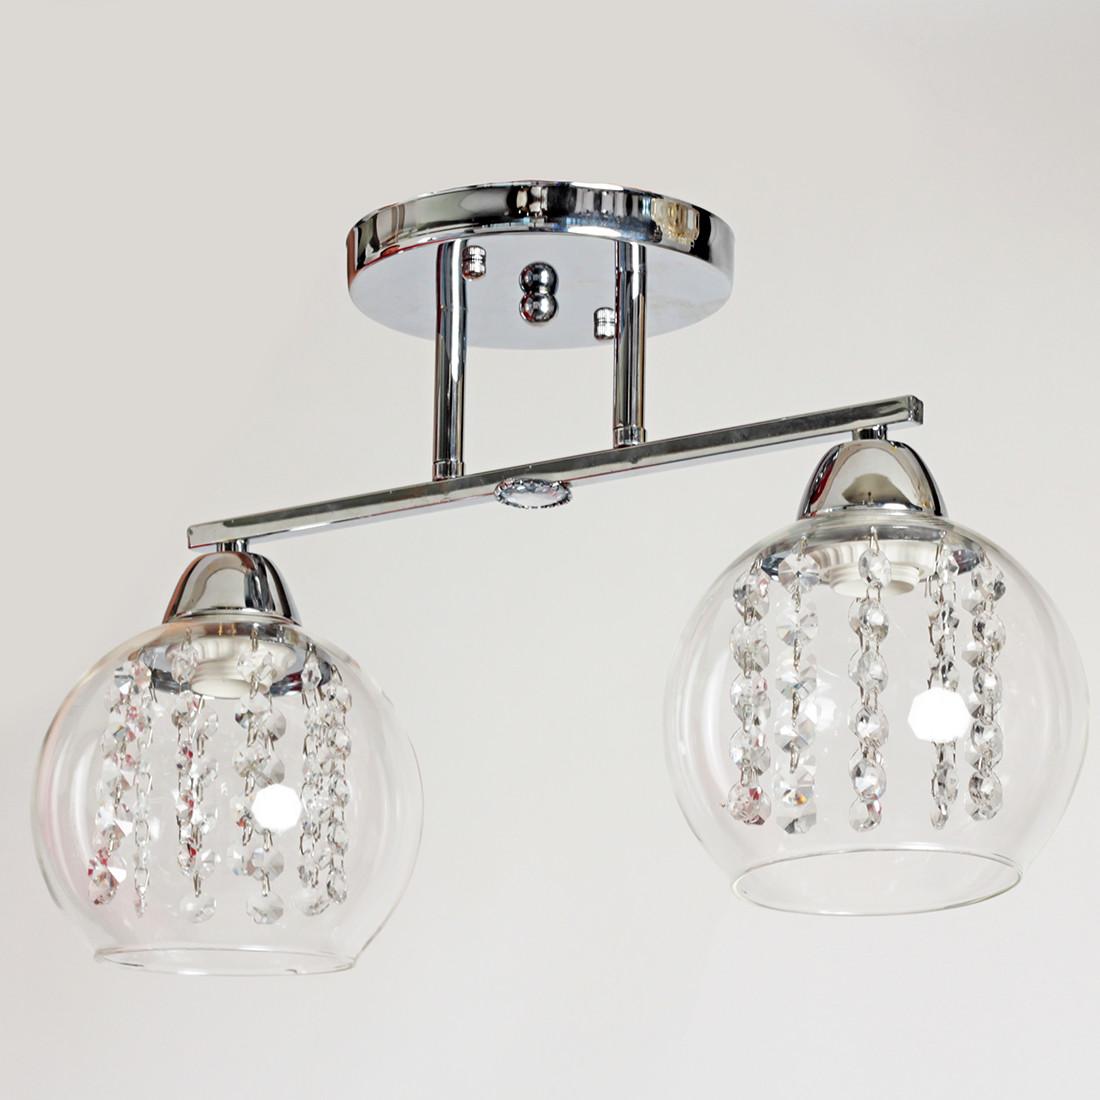 Люстра недорогая потолочная 2-х ламповая в спальню, на кухню, в прихожуюSH-1165/2 CR